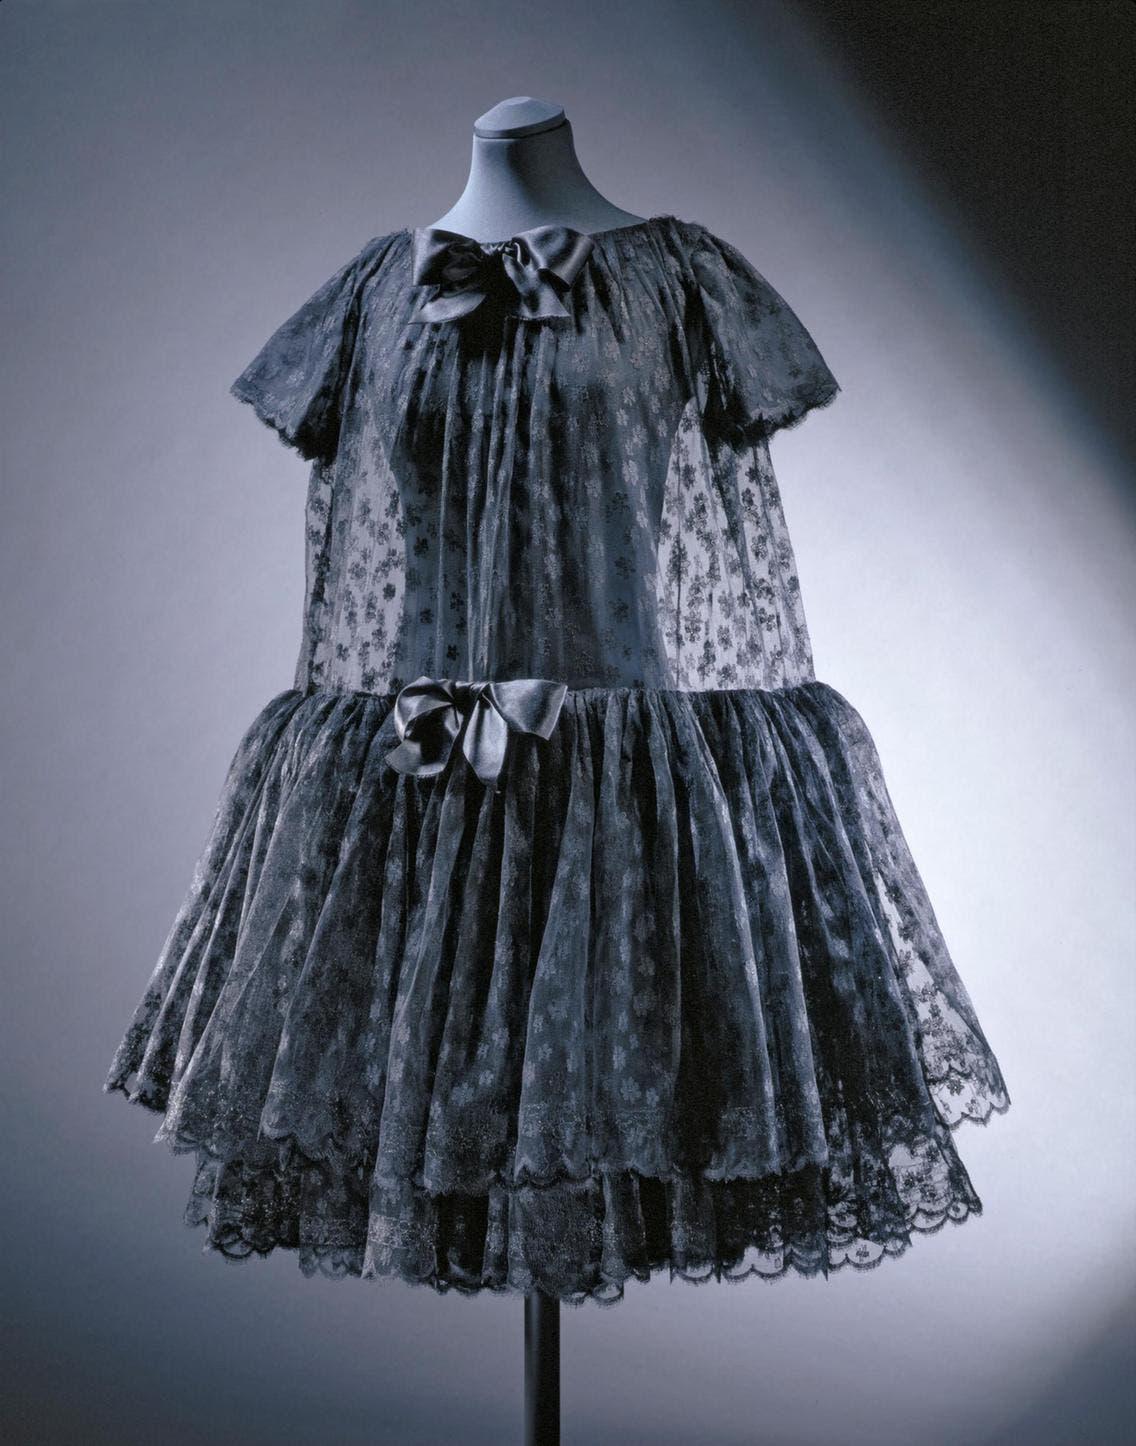 من تصاميم كريستوبال بالنسياغا الراقية التي تعود للعام 1958